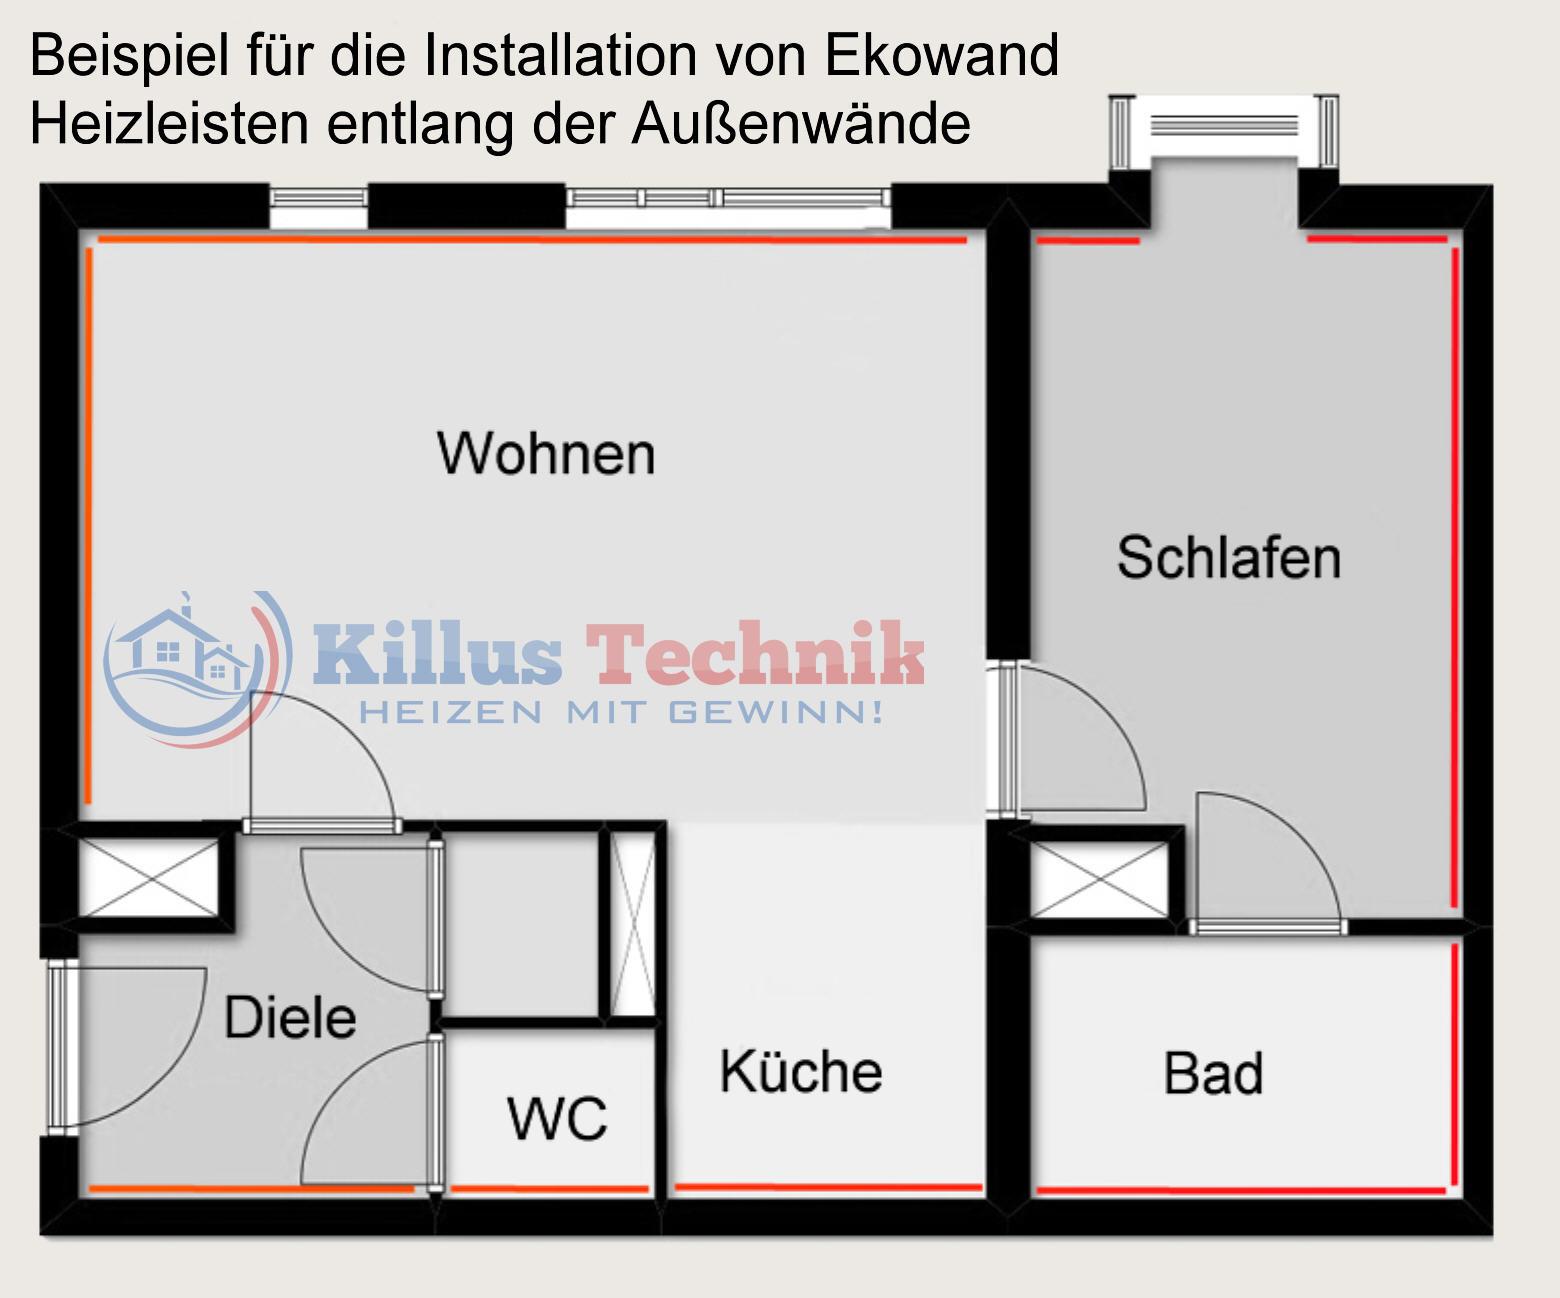 Ekowand Heizleisten für bestes Wohnklima und Heizkosten sparen Killus-Technik.de Heizleisten in einem Bauplan eingezeichnet